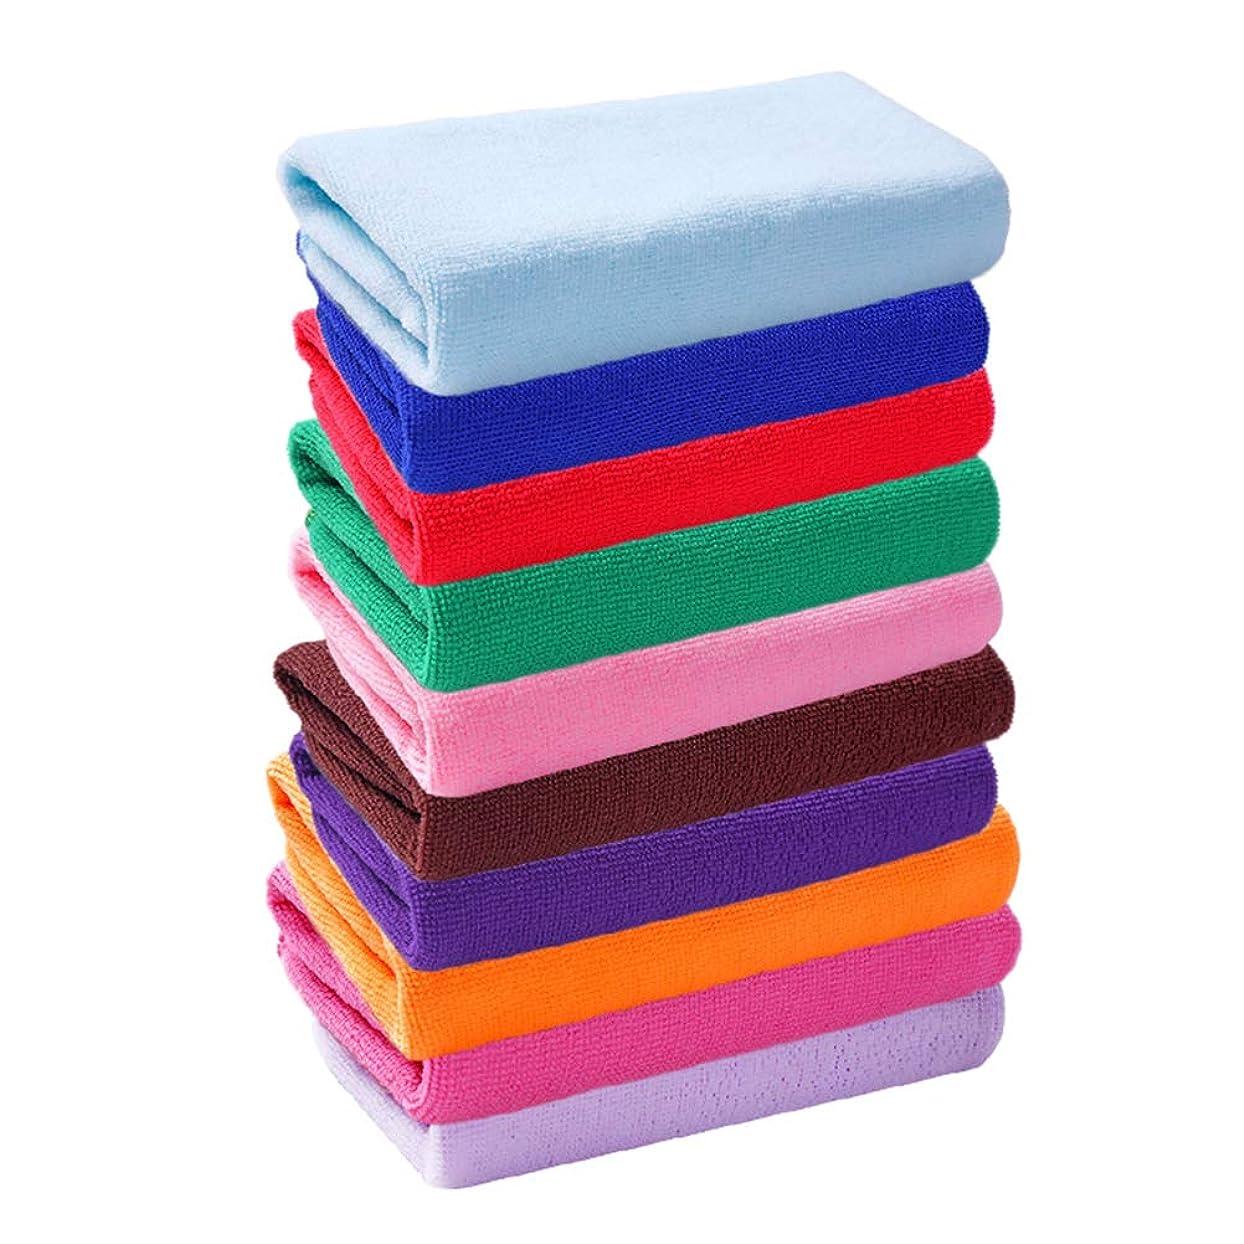 話をするひもおとなしいOUNONA 10個/パックマイクロファイバーハンドタオル手ぬぐい各種カラー高速ドライクリーニング布20×20cm